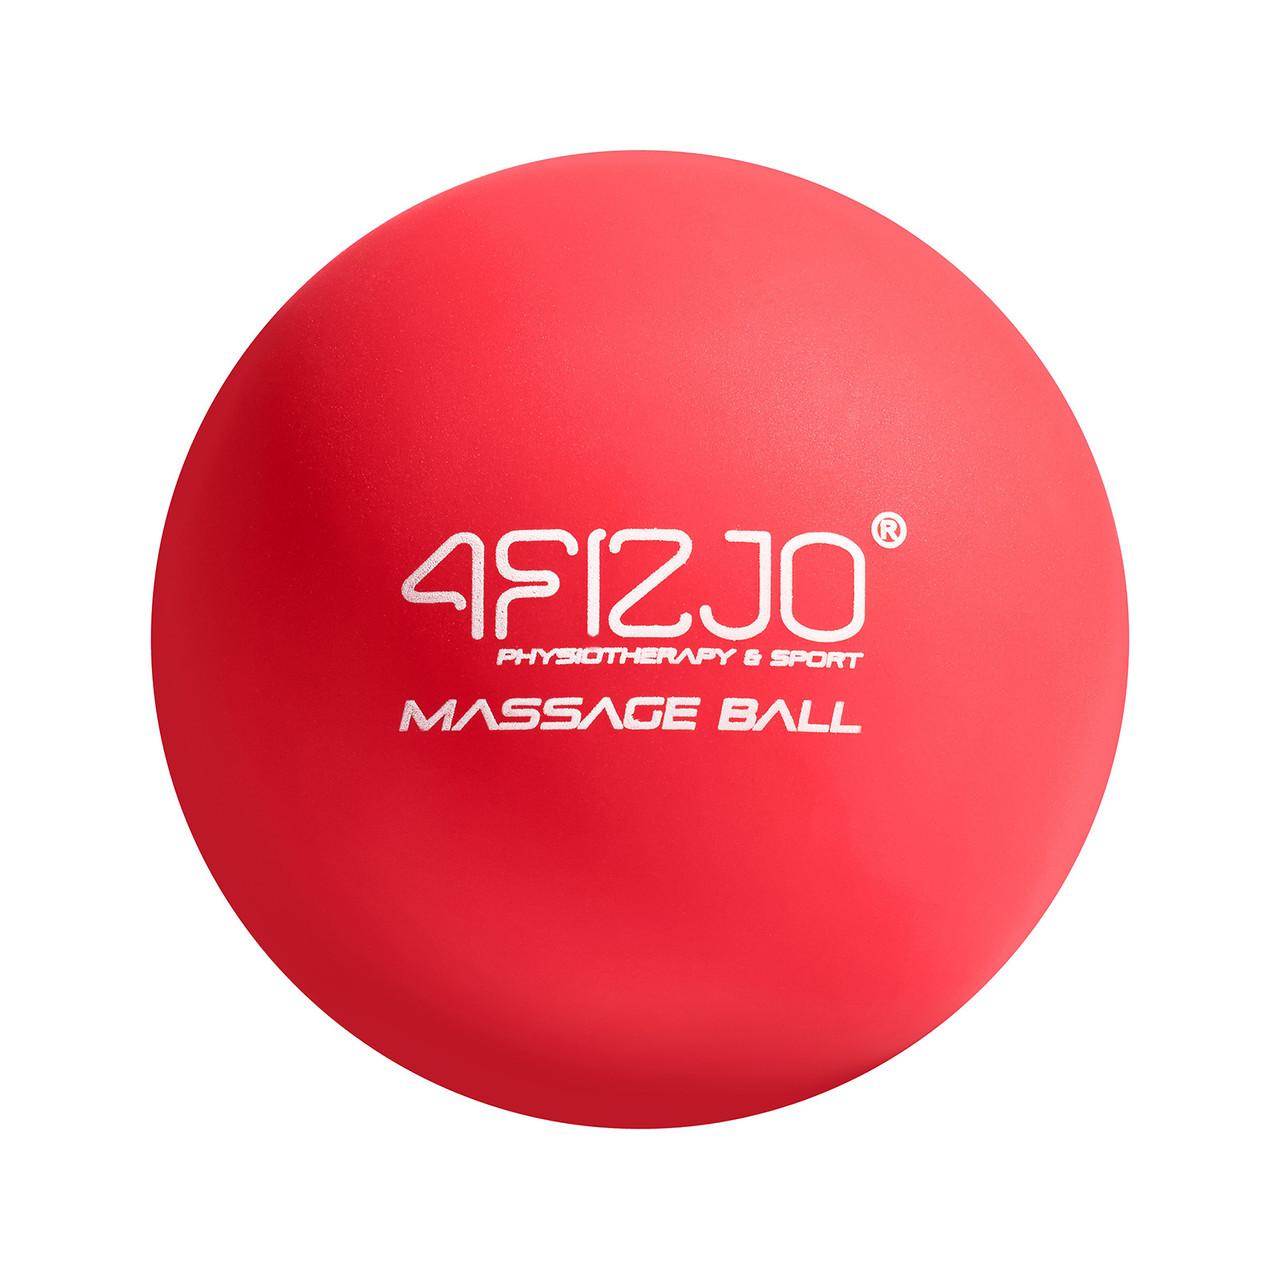 Масажний м'яч 4FIZJO Lacrosse Ball 6.25 см 4FJ1202 Red